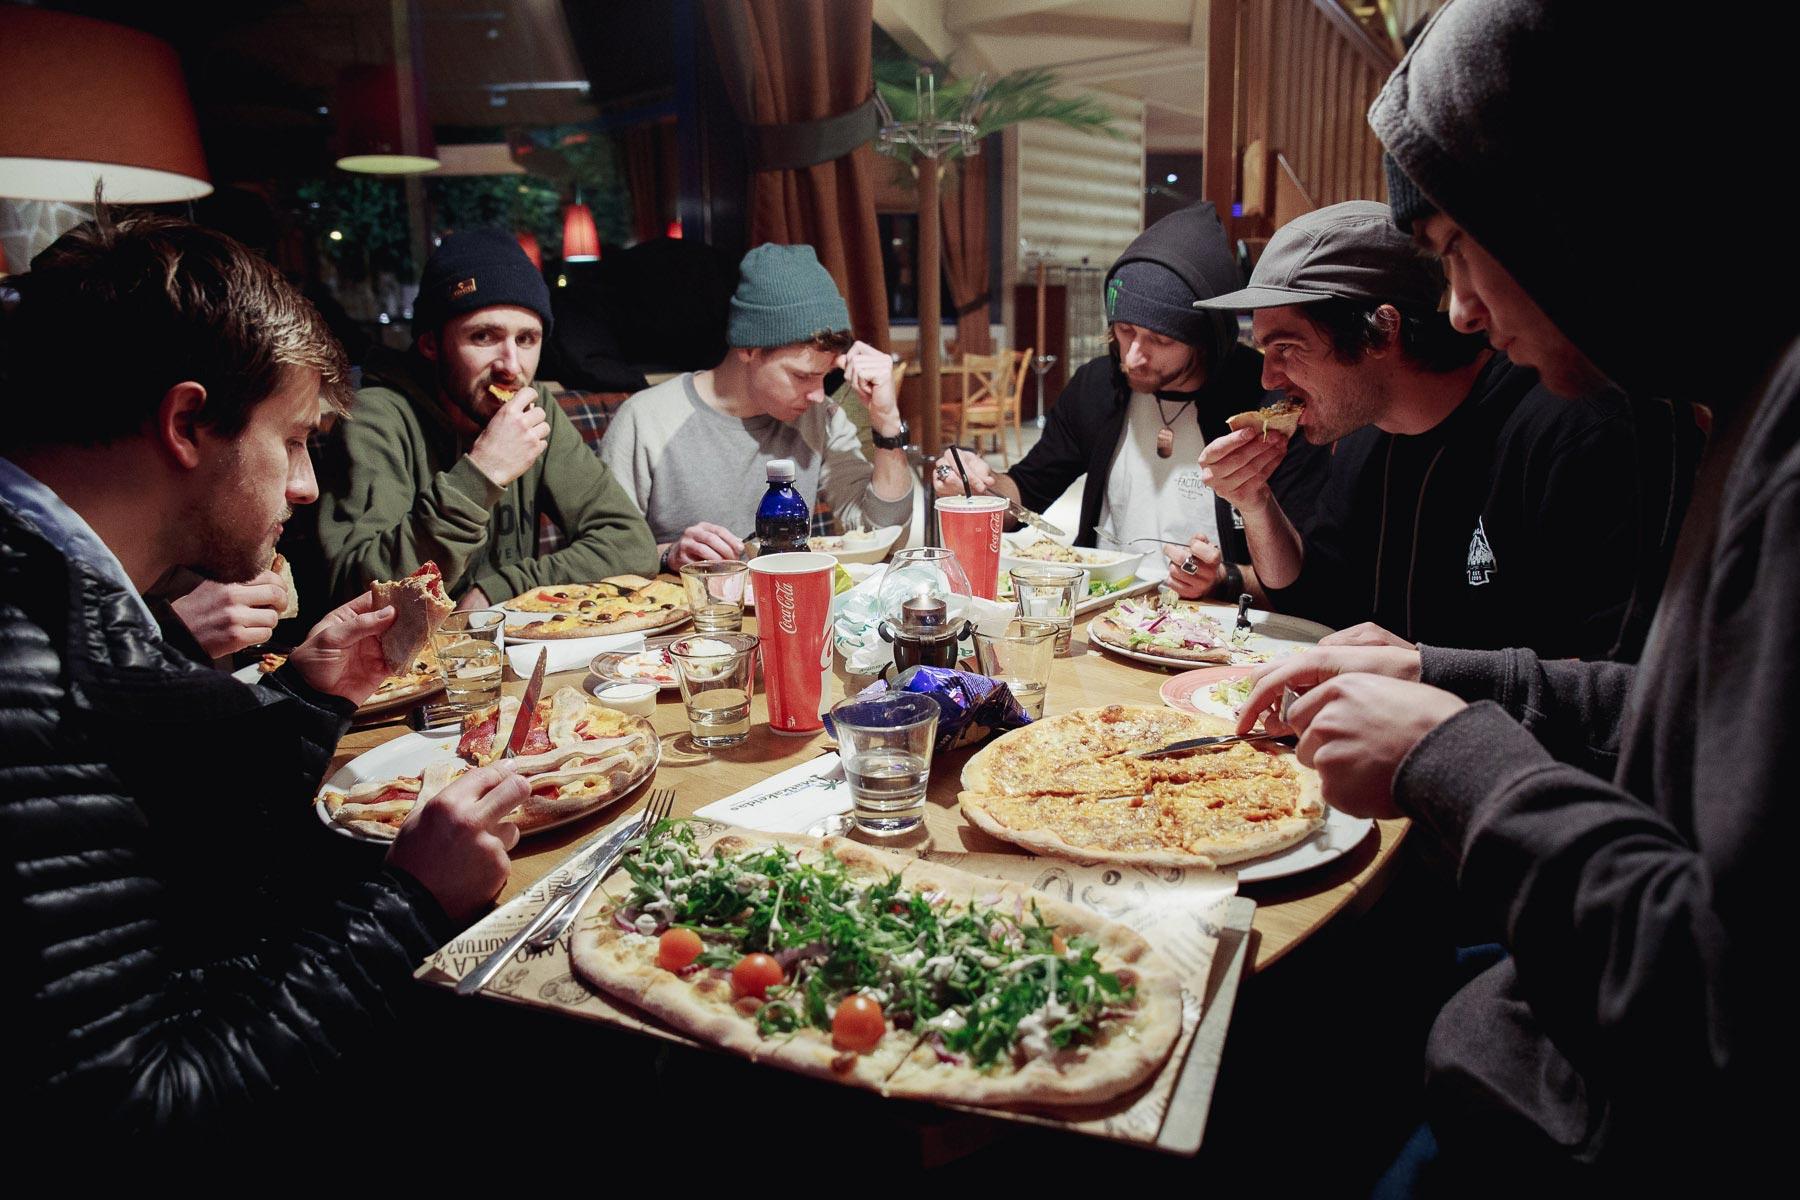 Wer sich die ganze Nacht in den Straßen Finnlands rumtreibt, hat sich eine ordentliche Pizza verdient! - Foto: Faction Skis